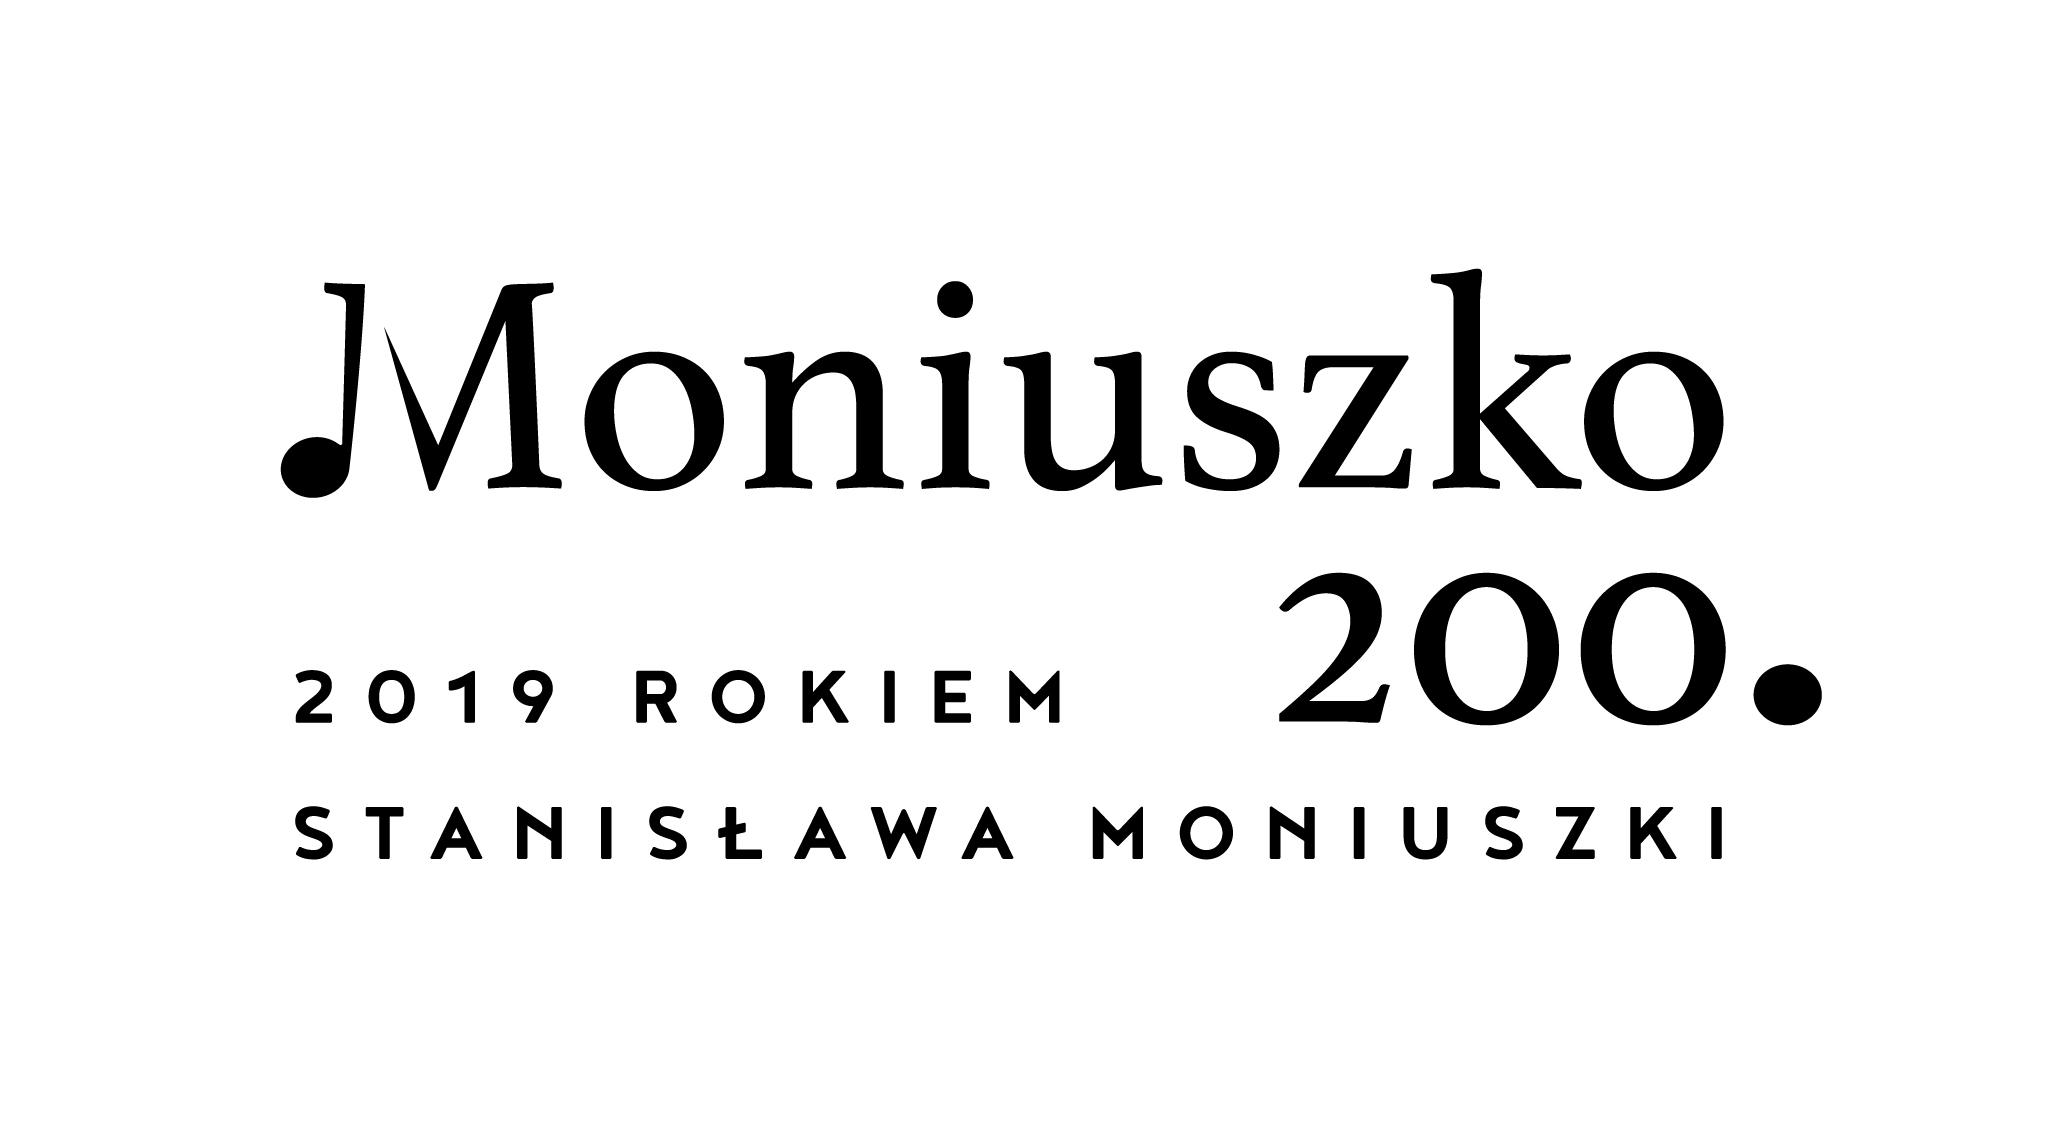 http://m.wmwm.pl/2019/10/orig/moniuszko200-logotyp-z-podpisem-pl-6522.jpg